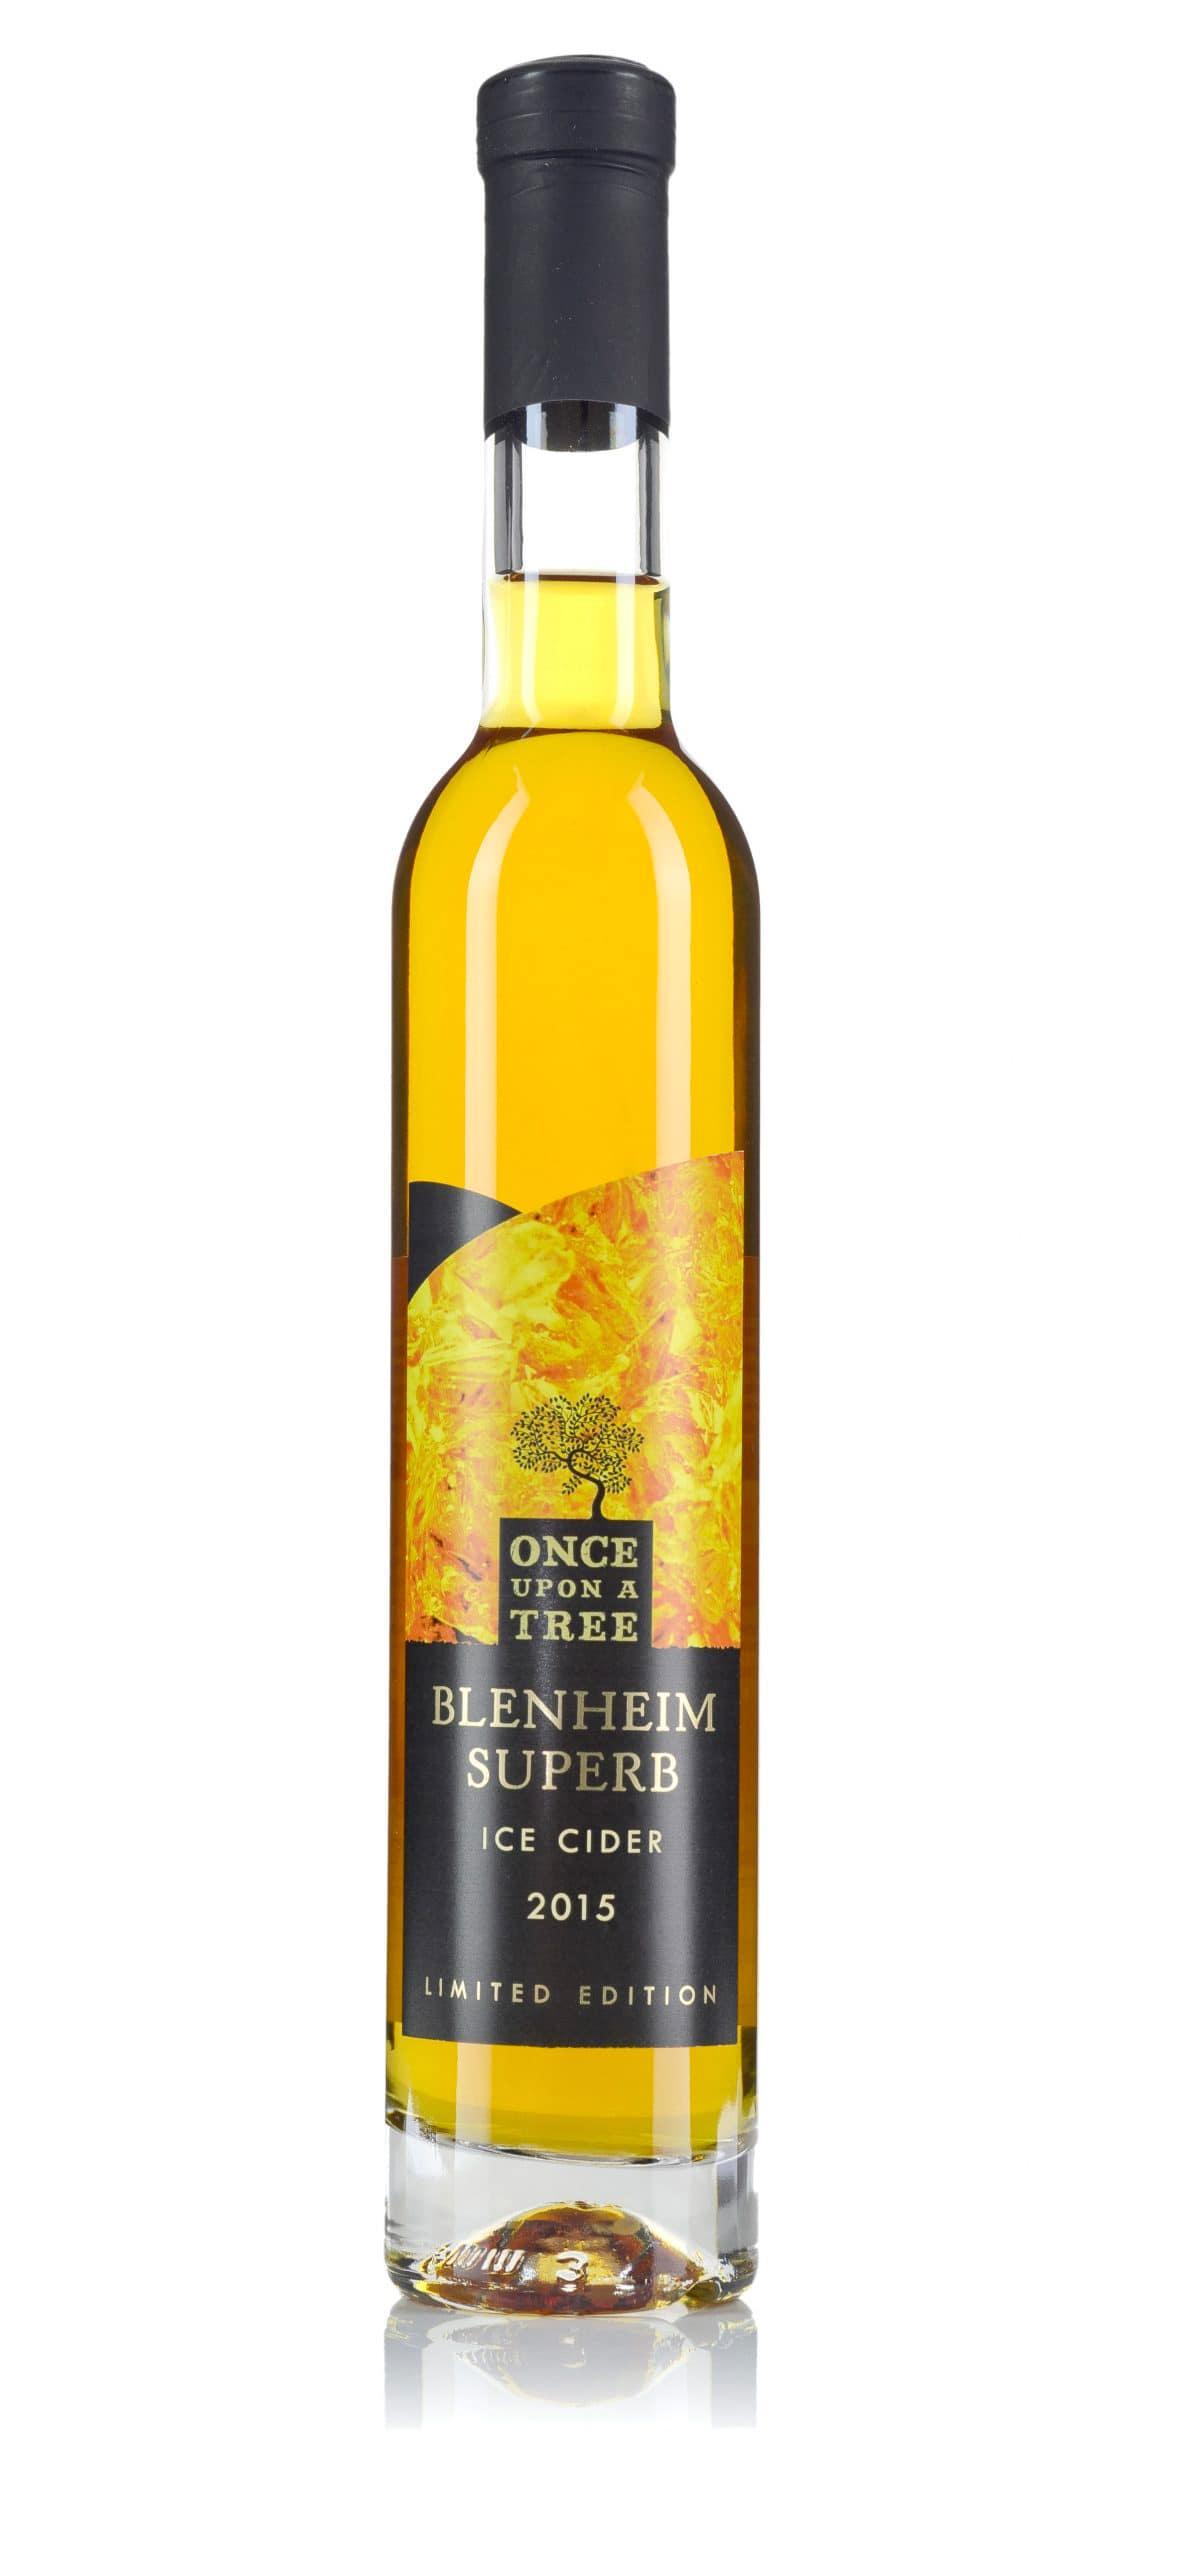 Once Upon A Tree Blenheim Superb Ice Cider 2015